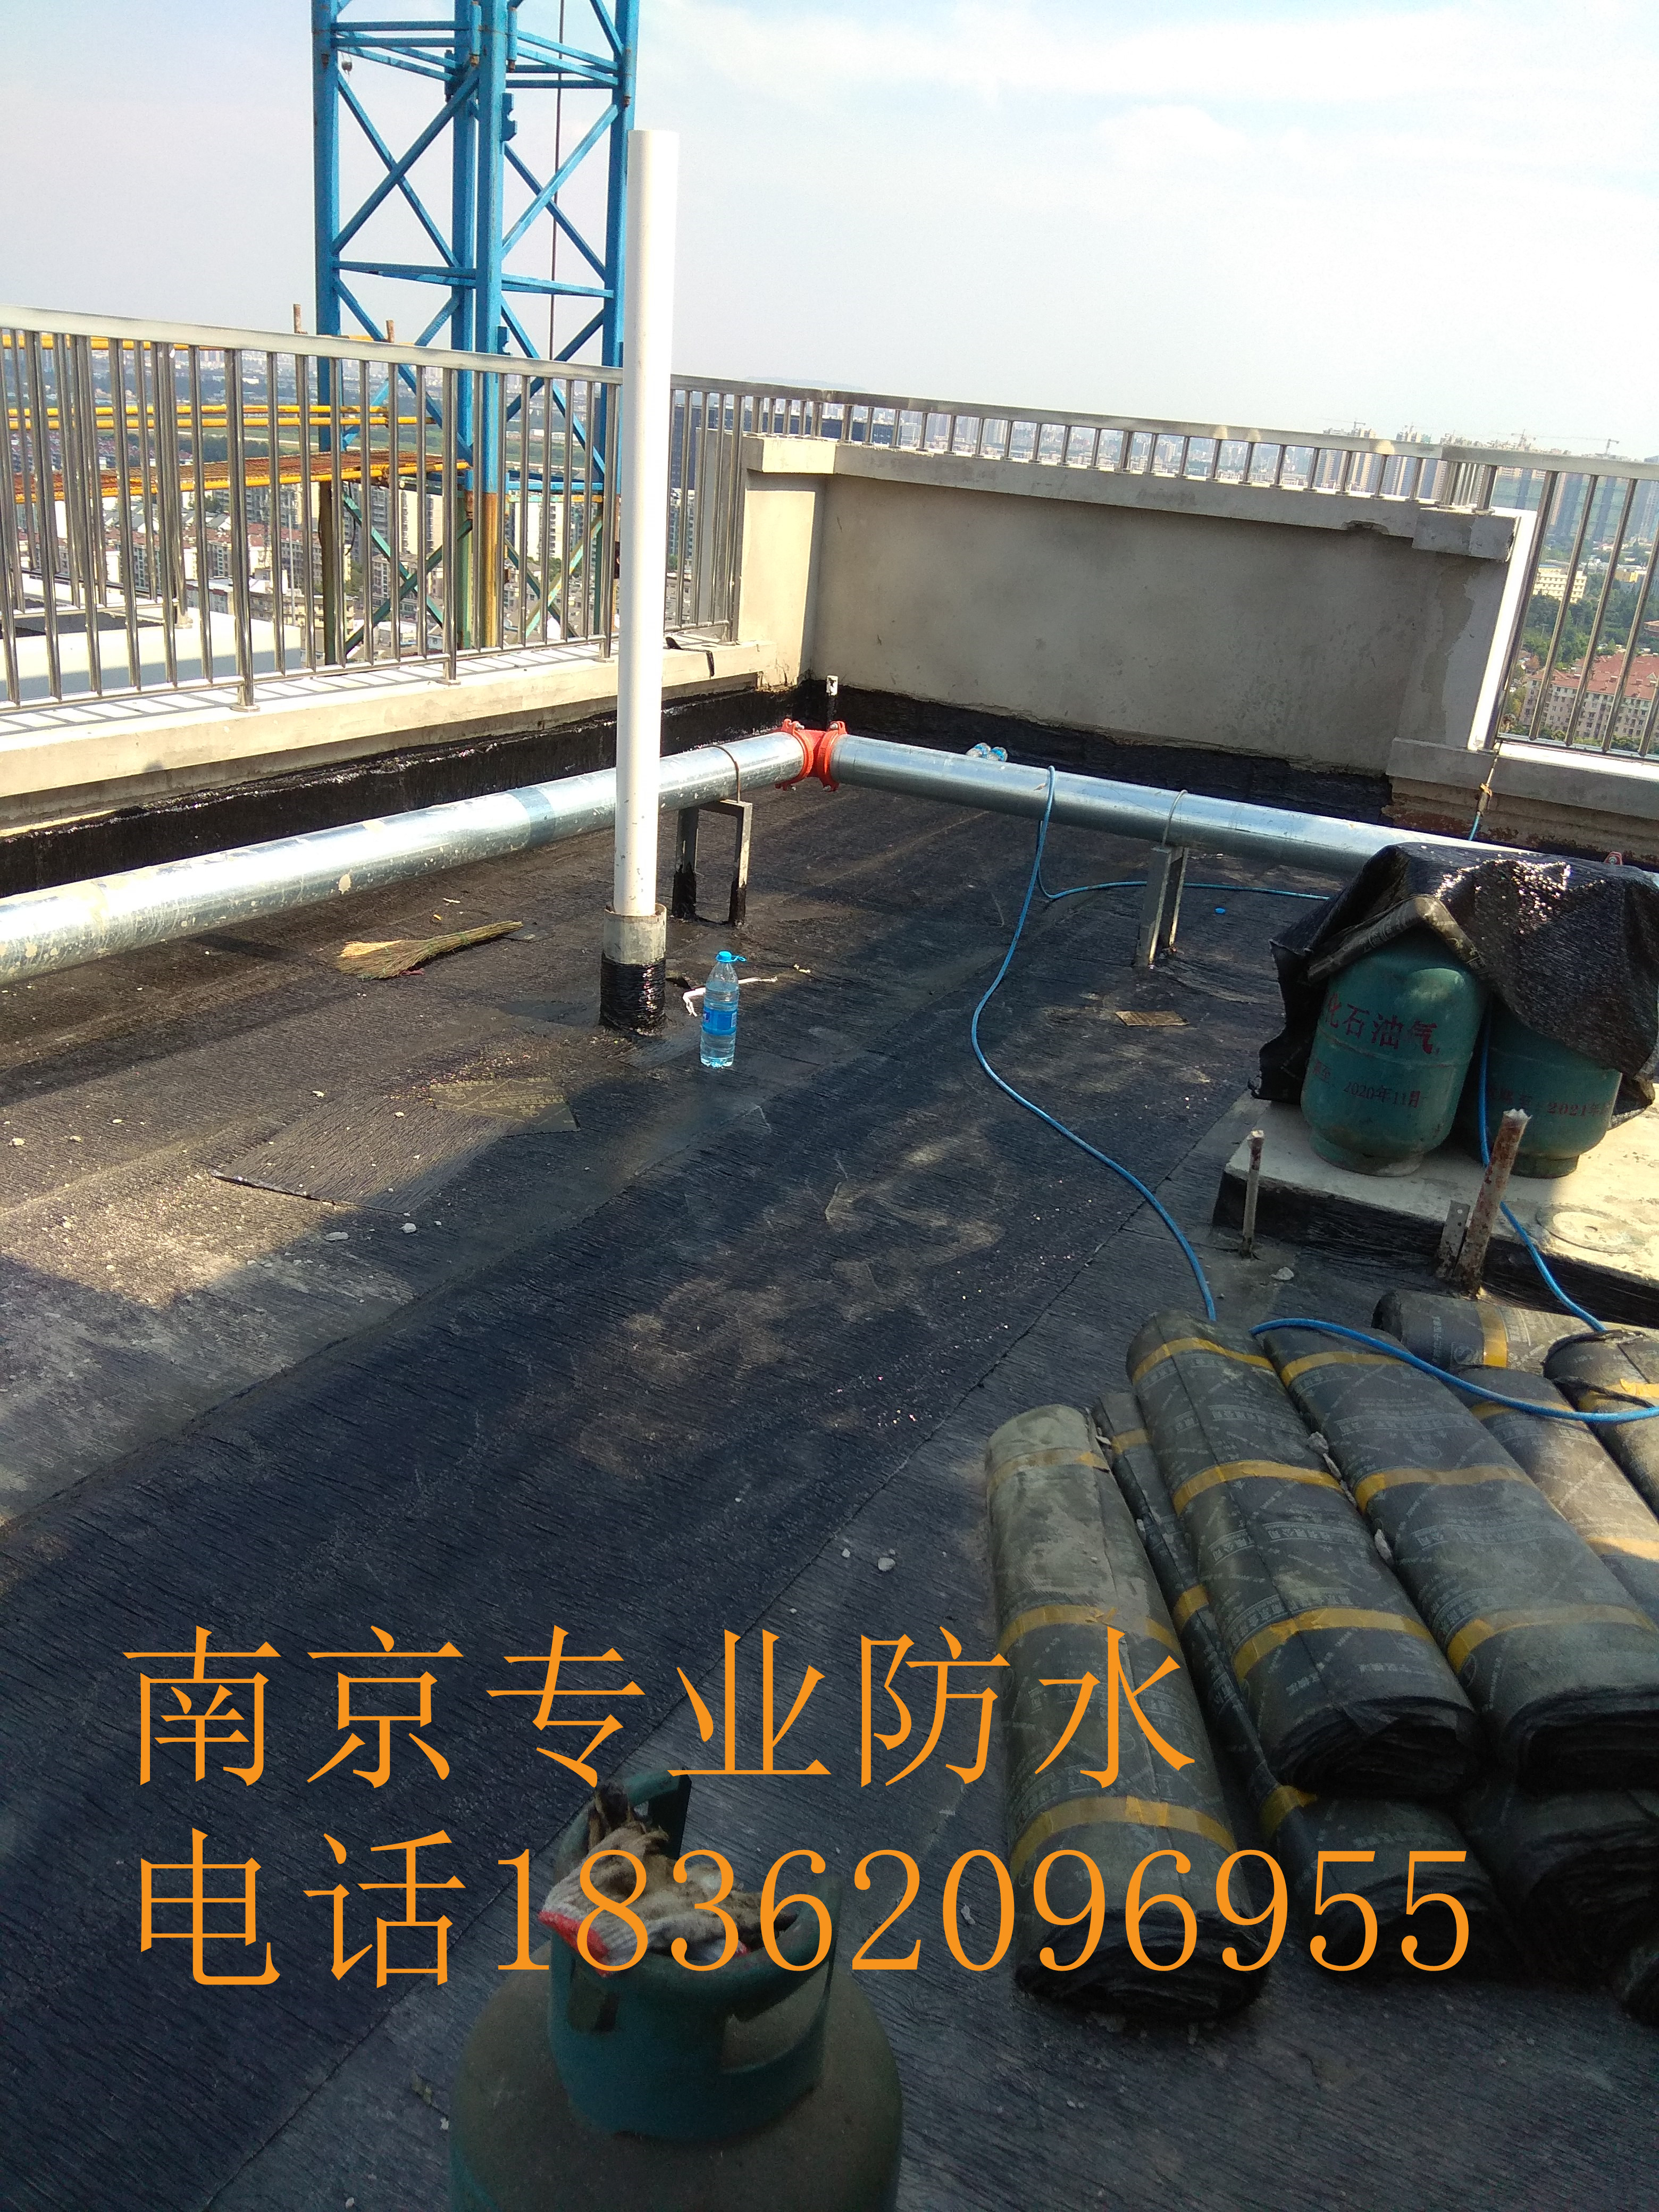 江宁防水公司,厂房做防水,做卷材防水